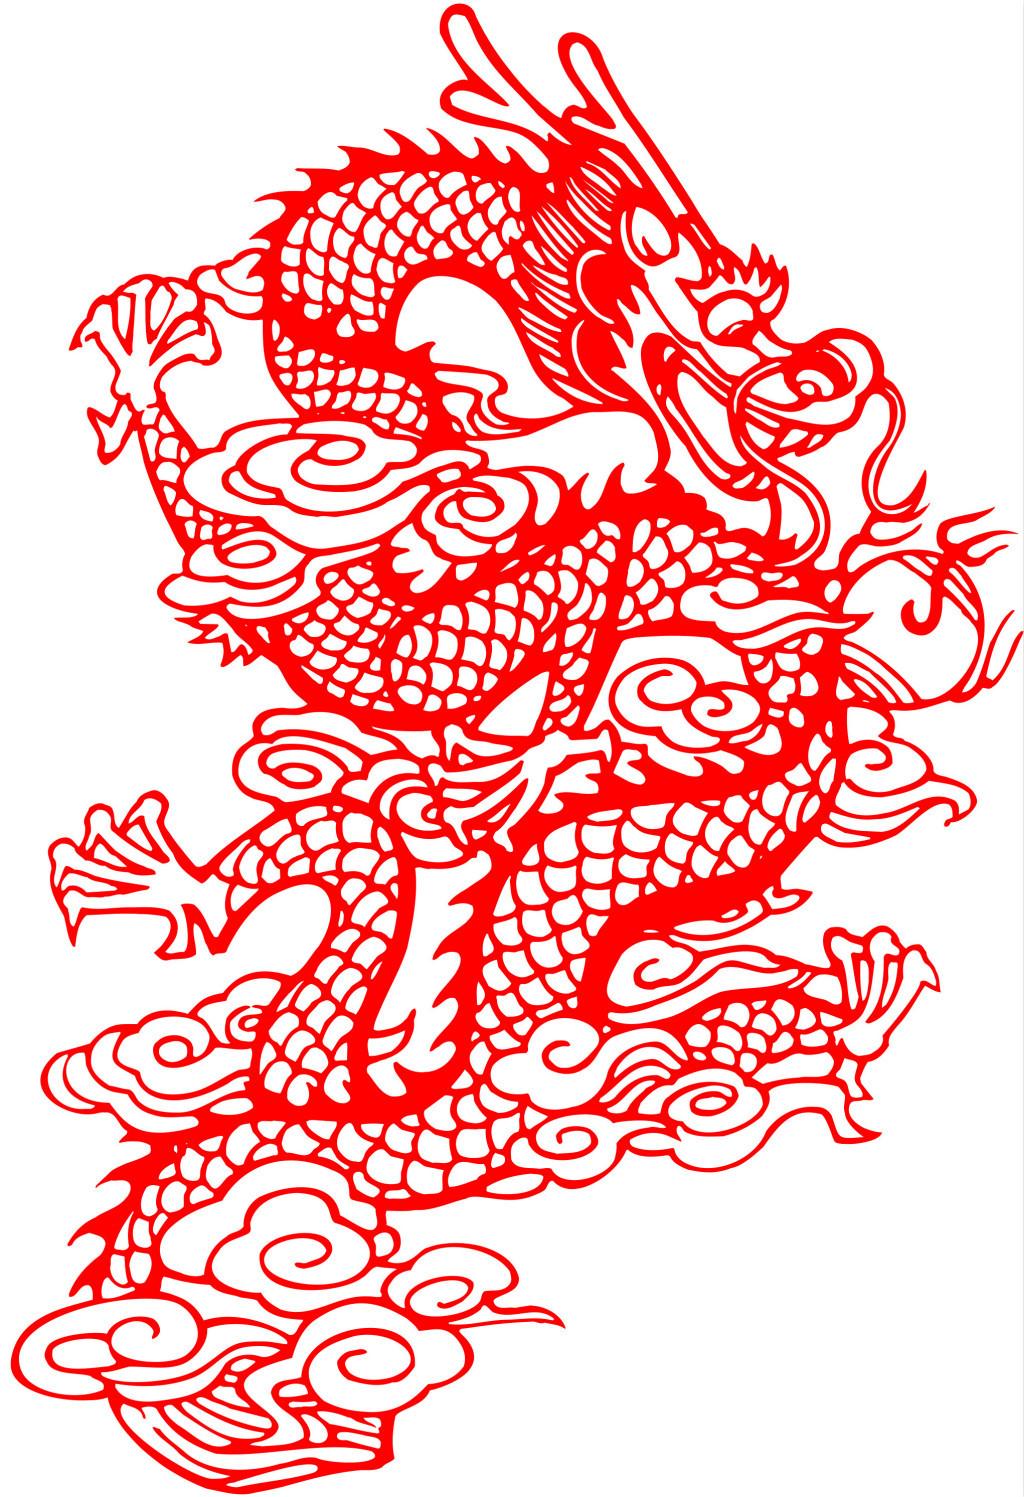 中国龙矢量图素材剪纸风格